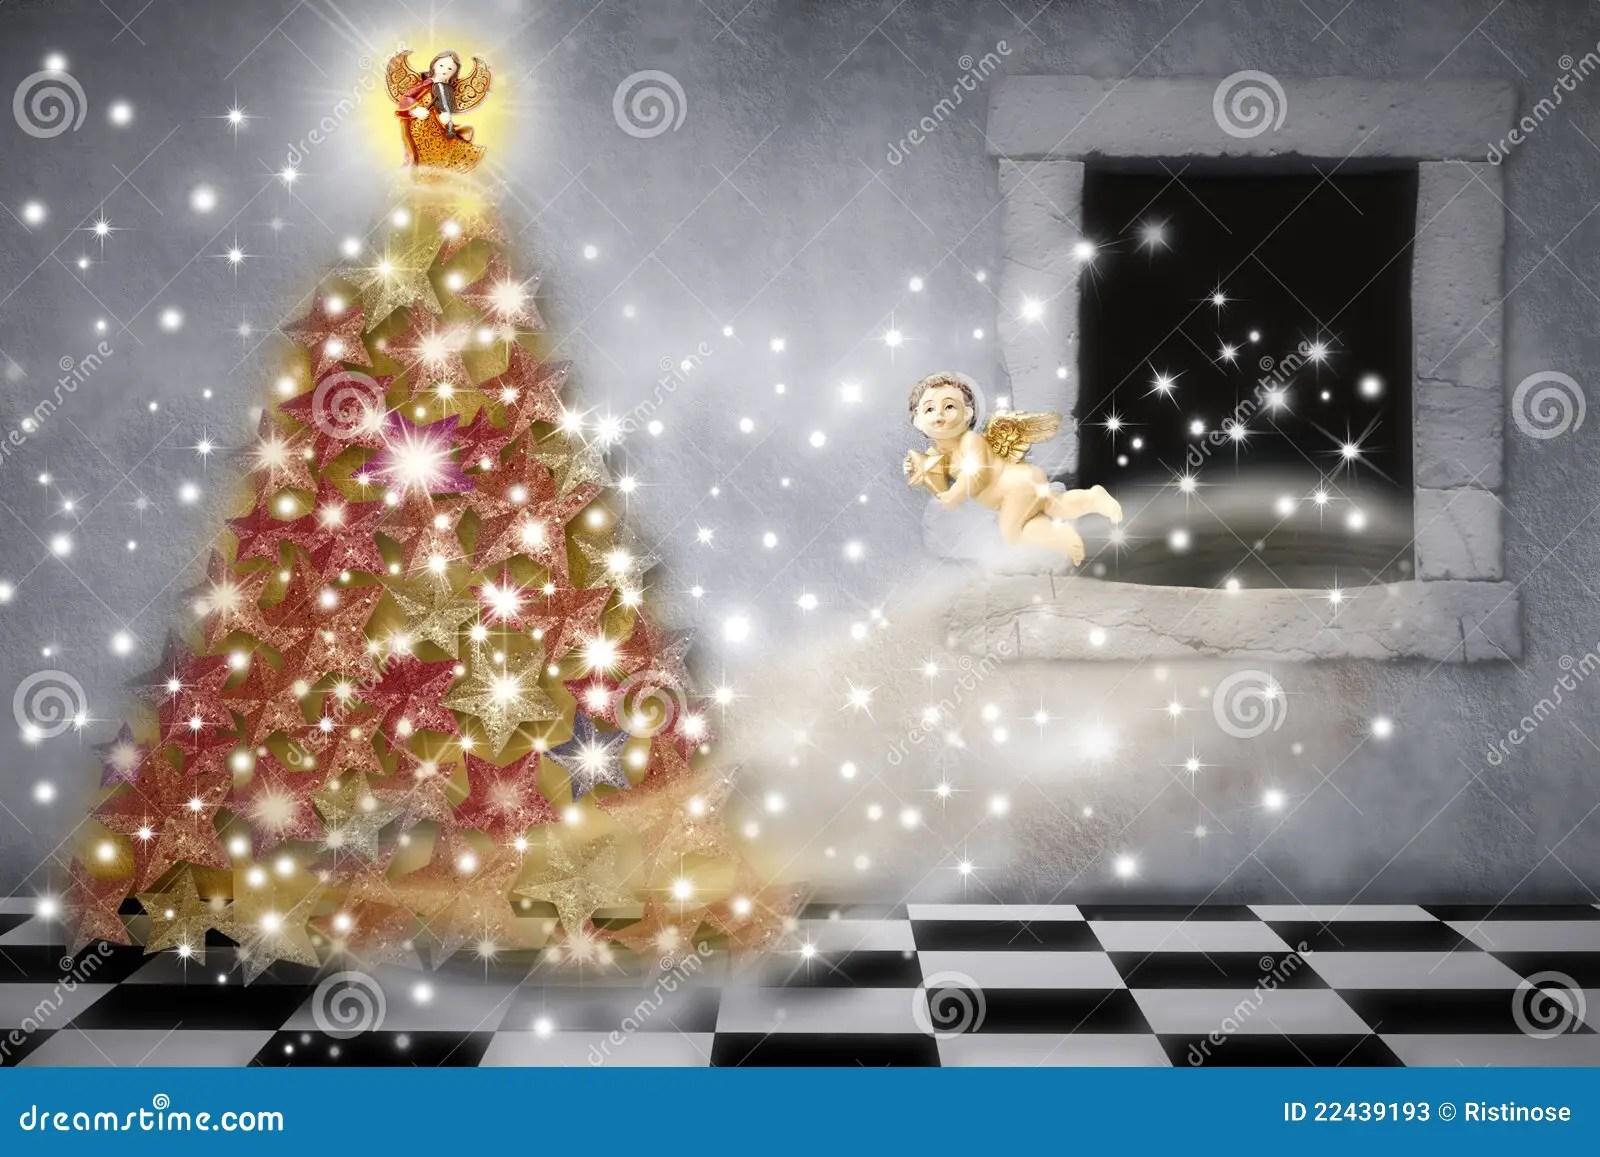 Cartolina Di Natale Angeli Che Decorano Lalbero Immagine